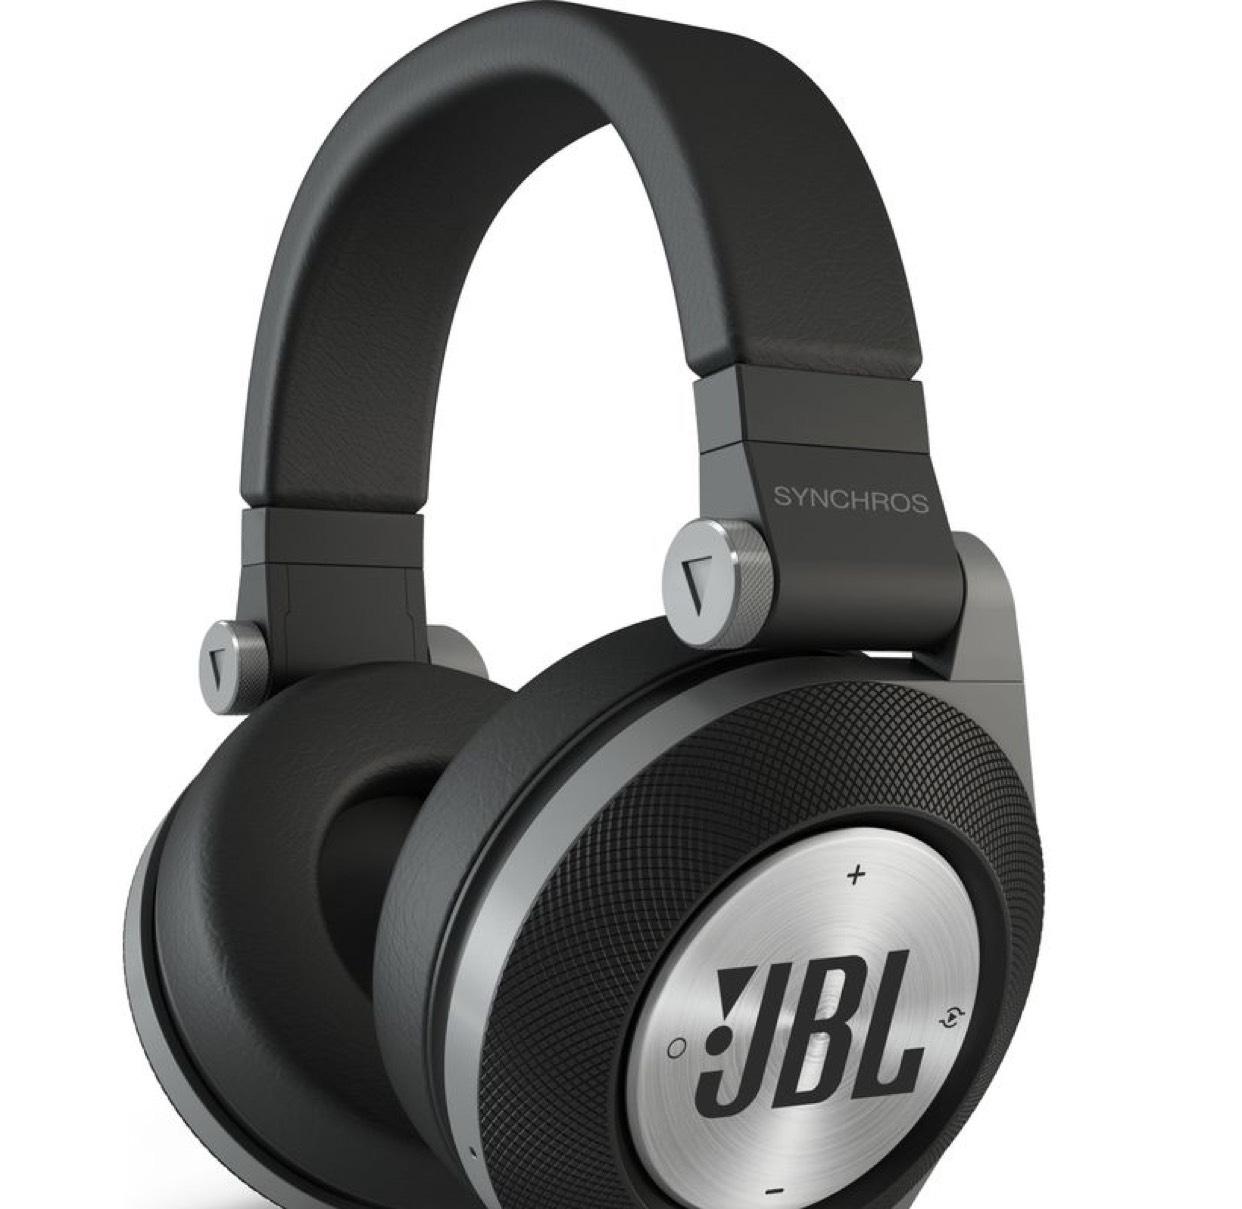 JBL E50BT Wireless Bluetooth Headphones - £64.95 @ Currys